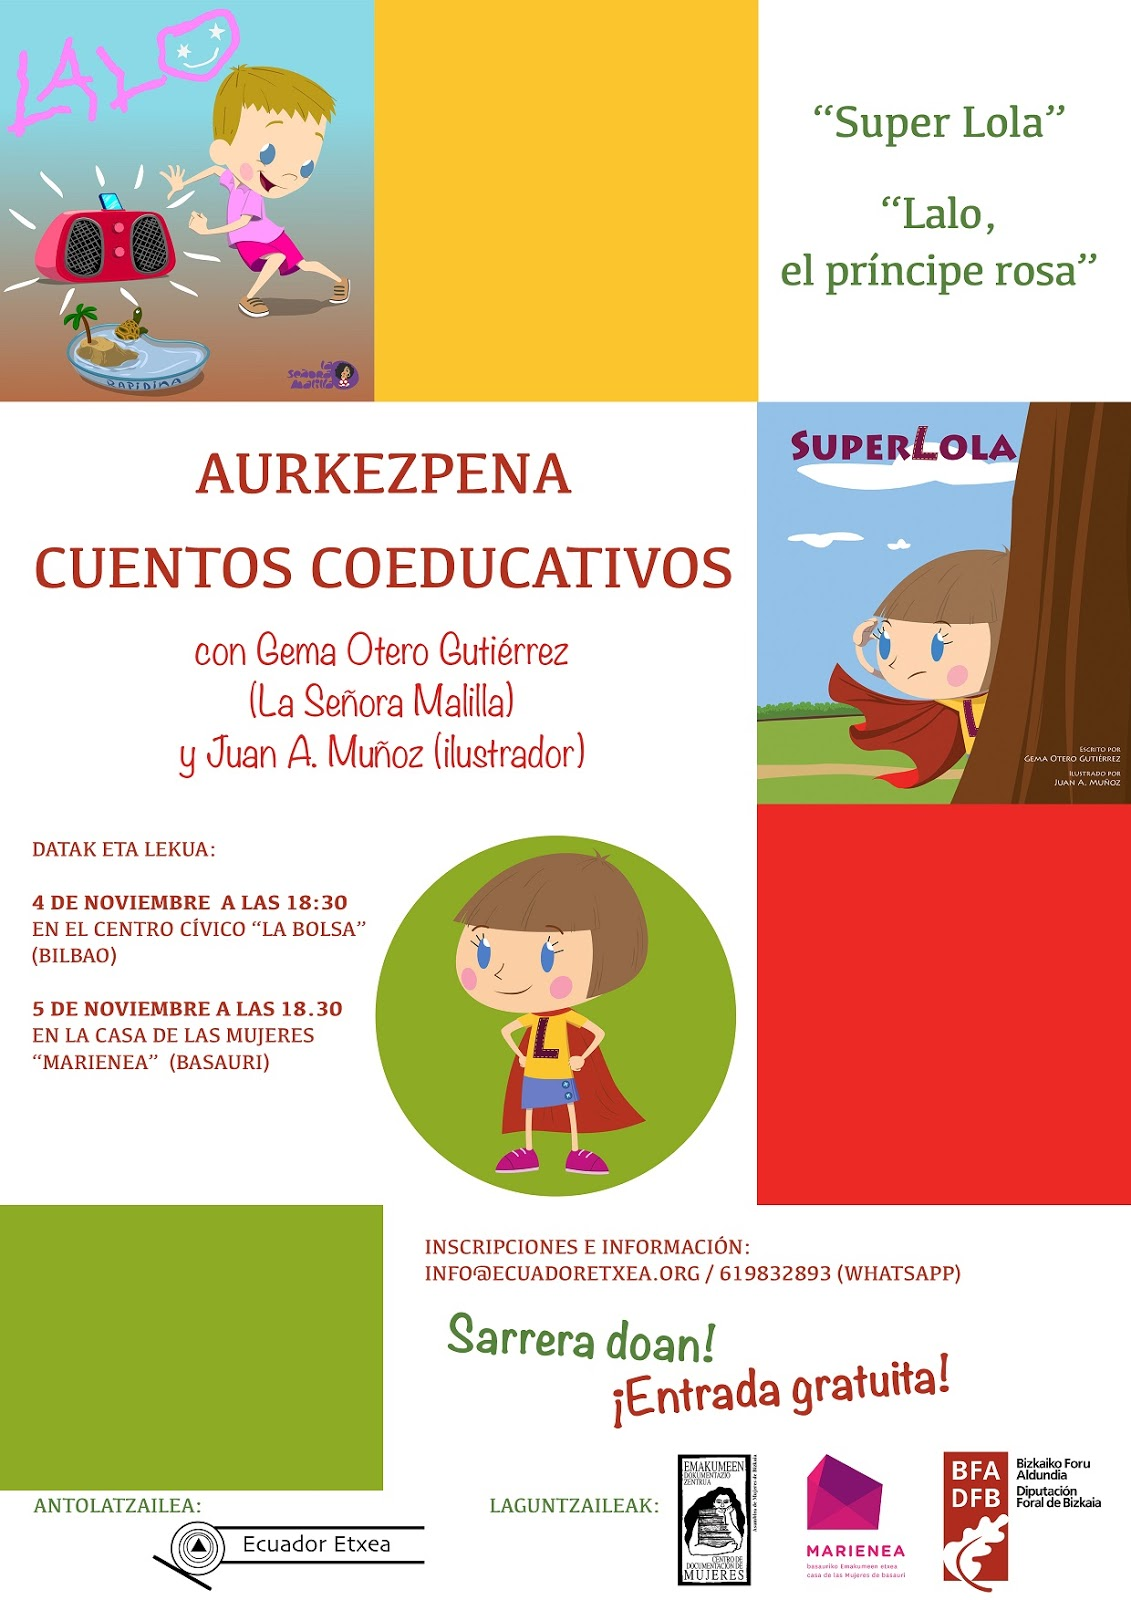 Presentacion Cuentos Coeducativos Super Lola Y Lalo El